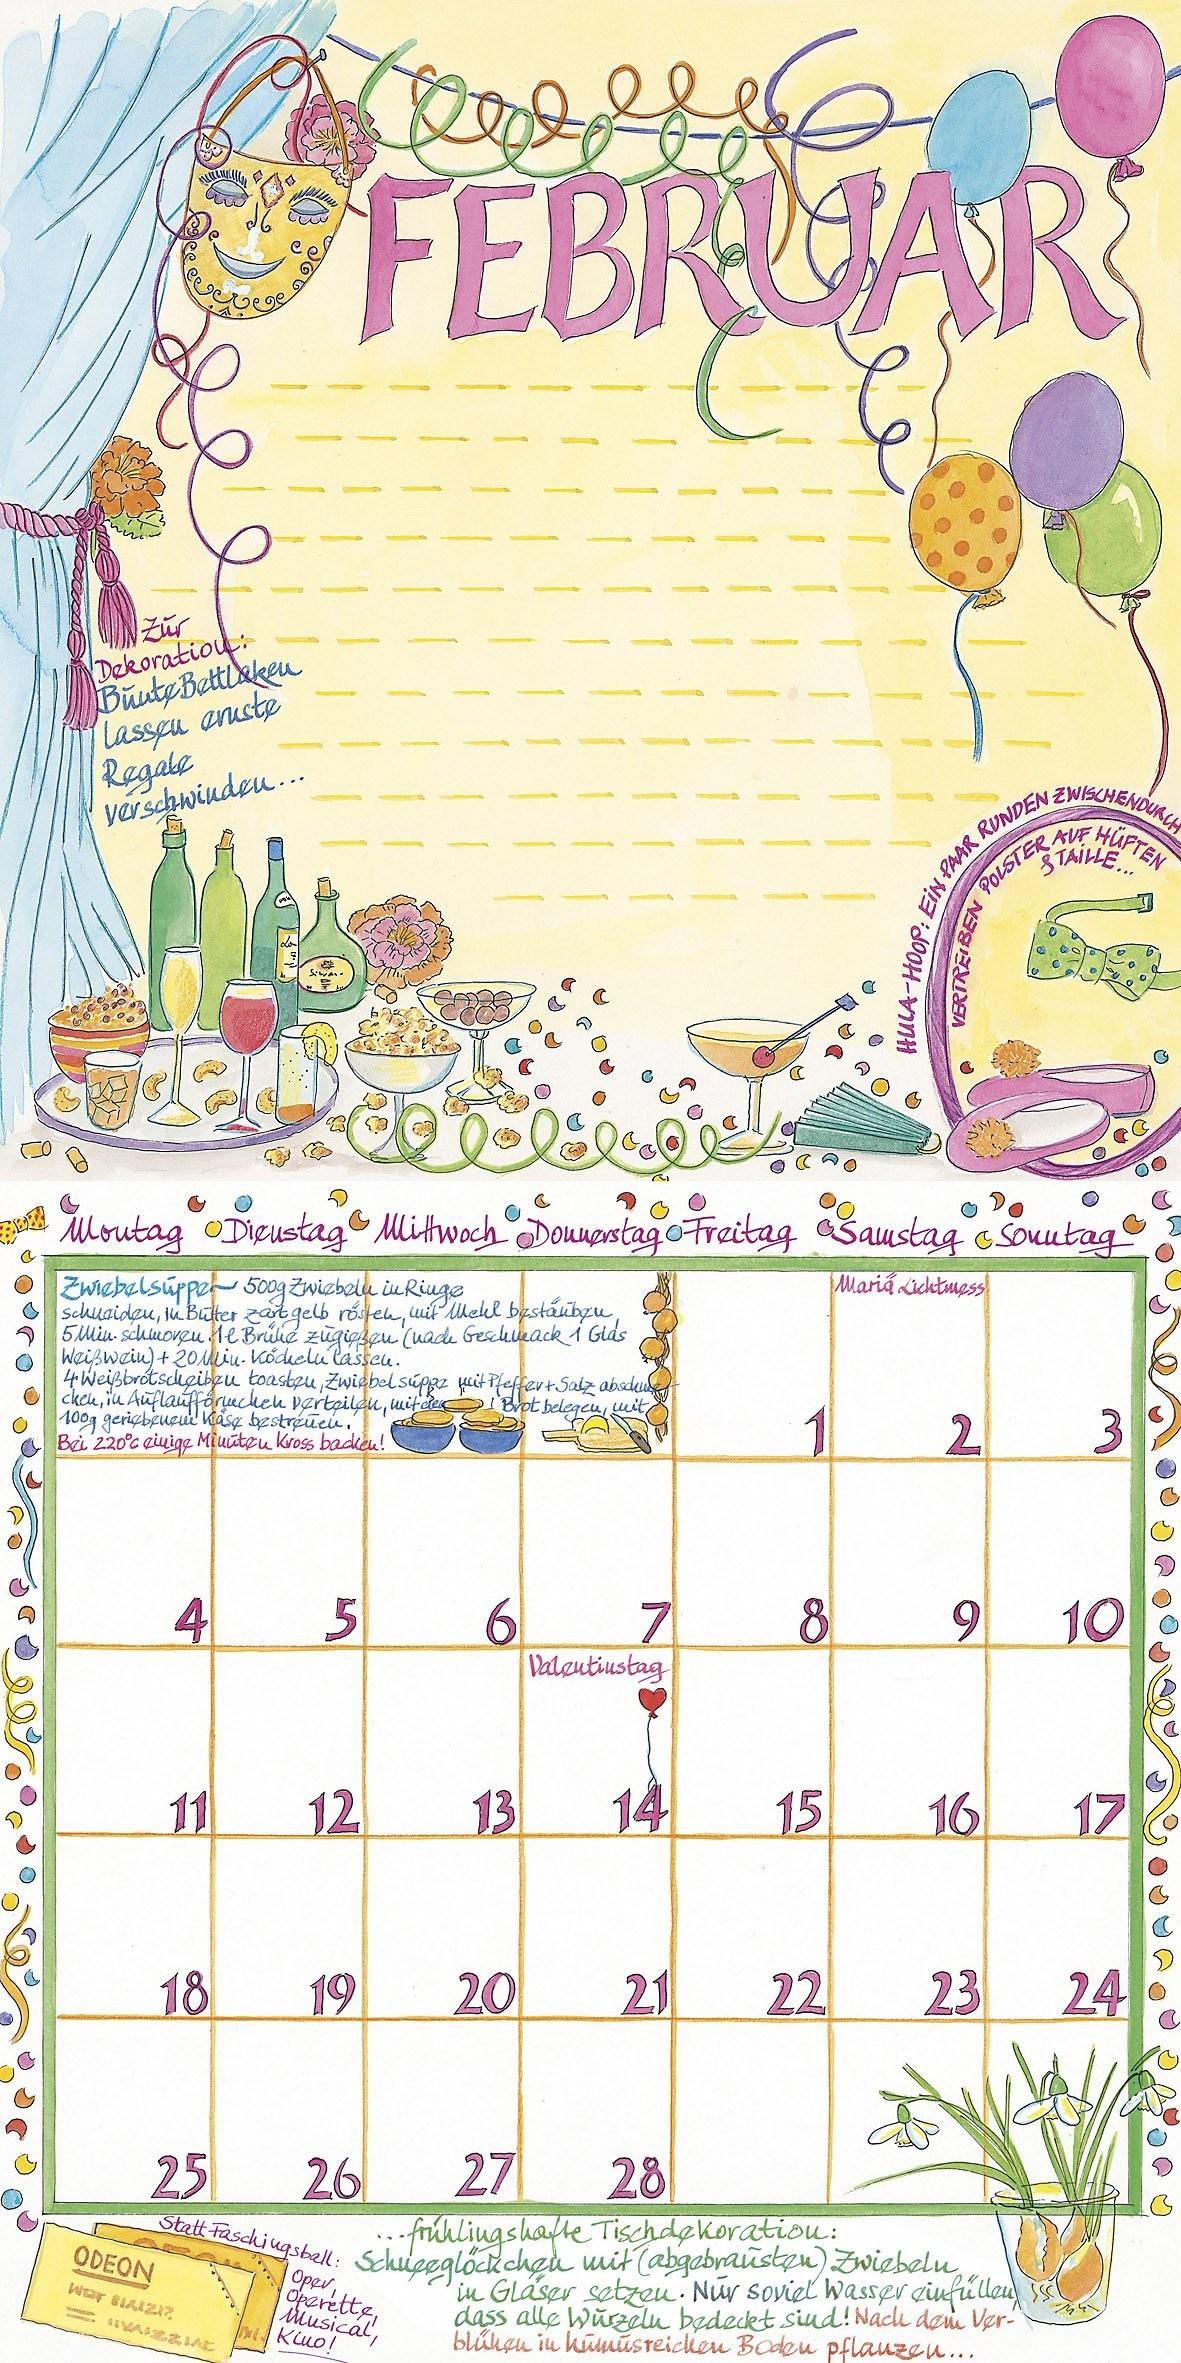 Imprimir Calendario De Enero 2019 Recientes Esto Es Exactamente Calendar 2019 Planner Of Imprimir Calendario De Enero 2019 Actual Informaci³n Make A 2019 Calendar In Excel